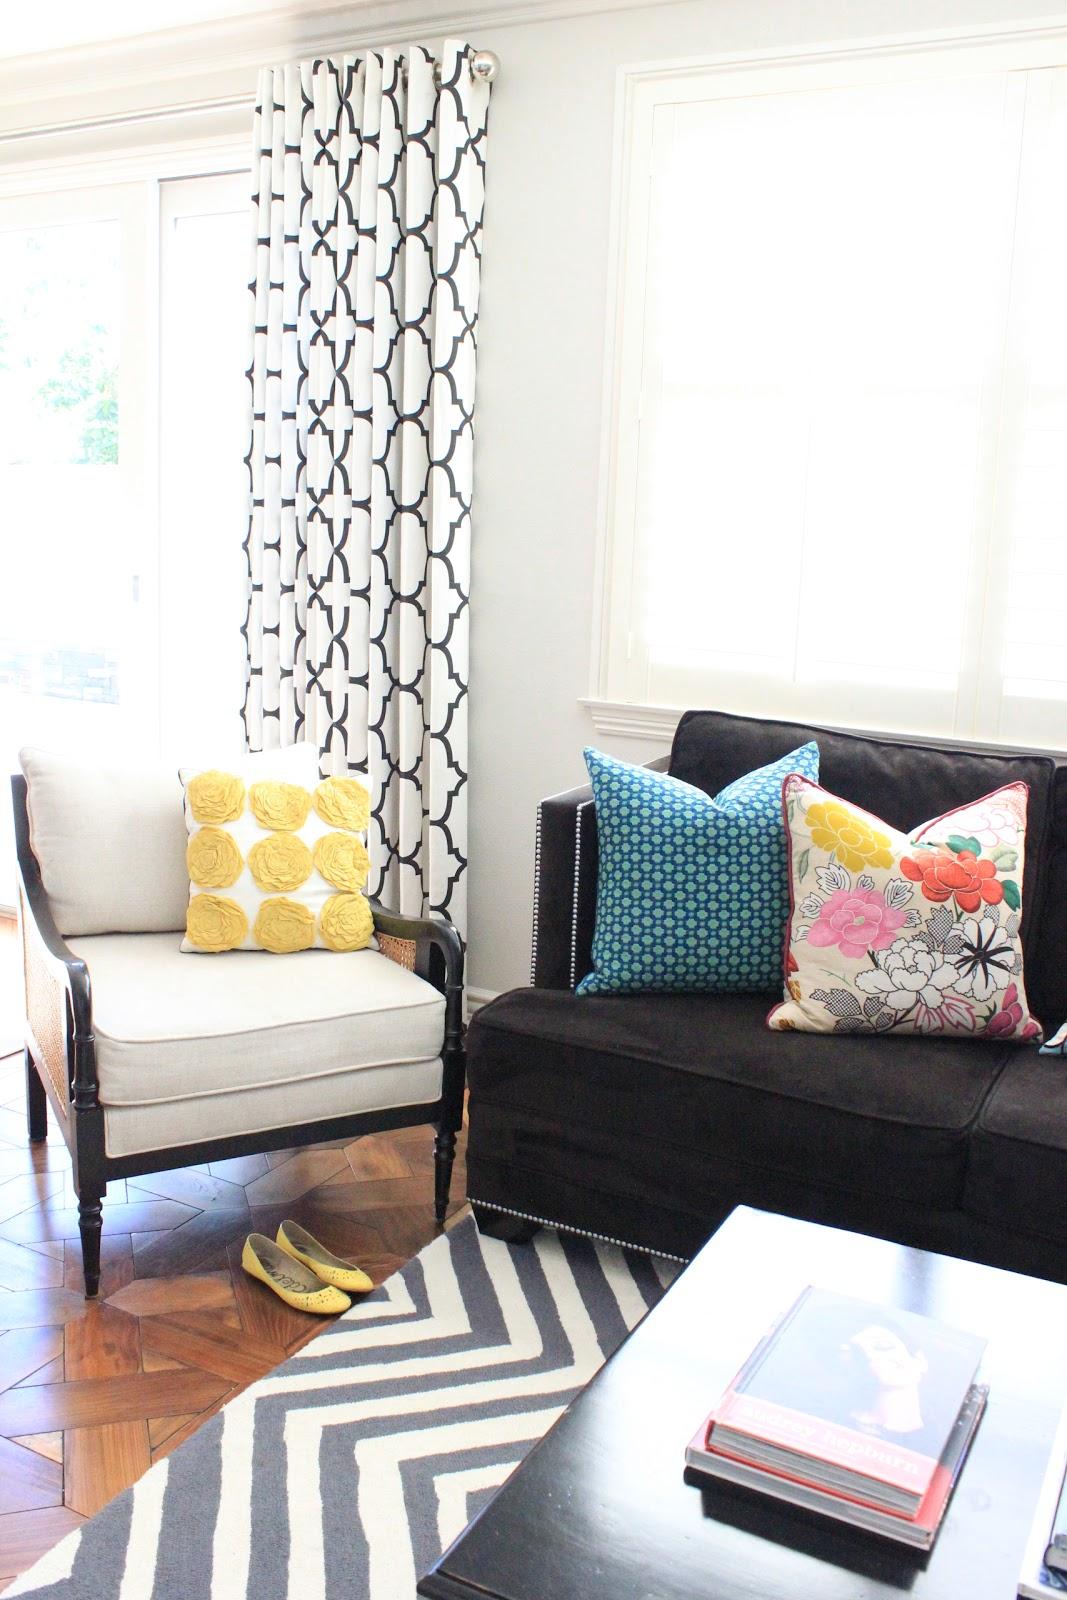 BDG Style: Living Room & Family Room Portfolio